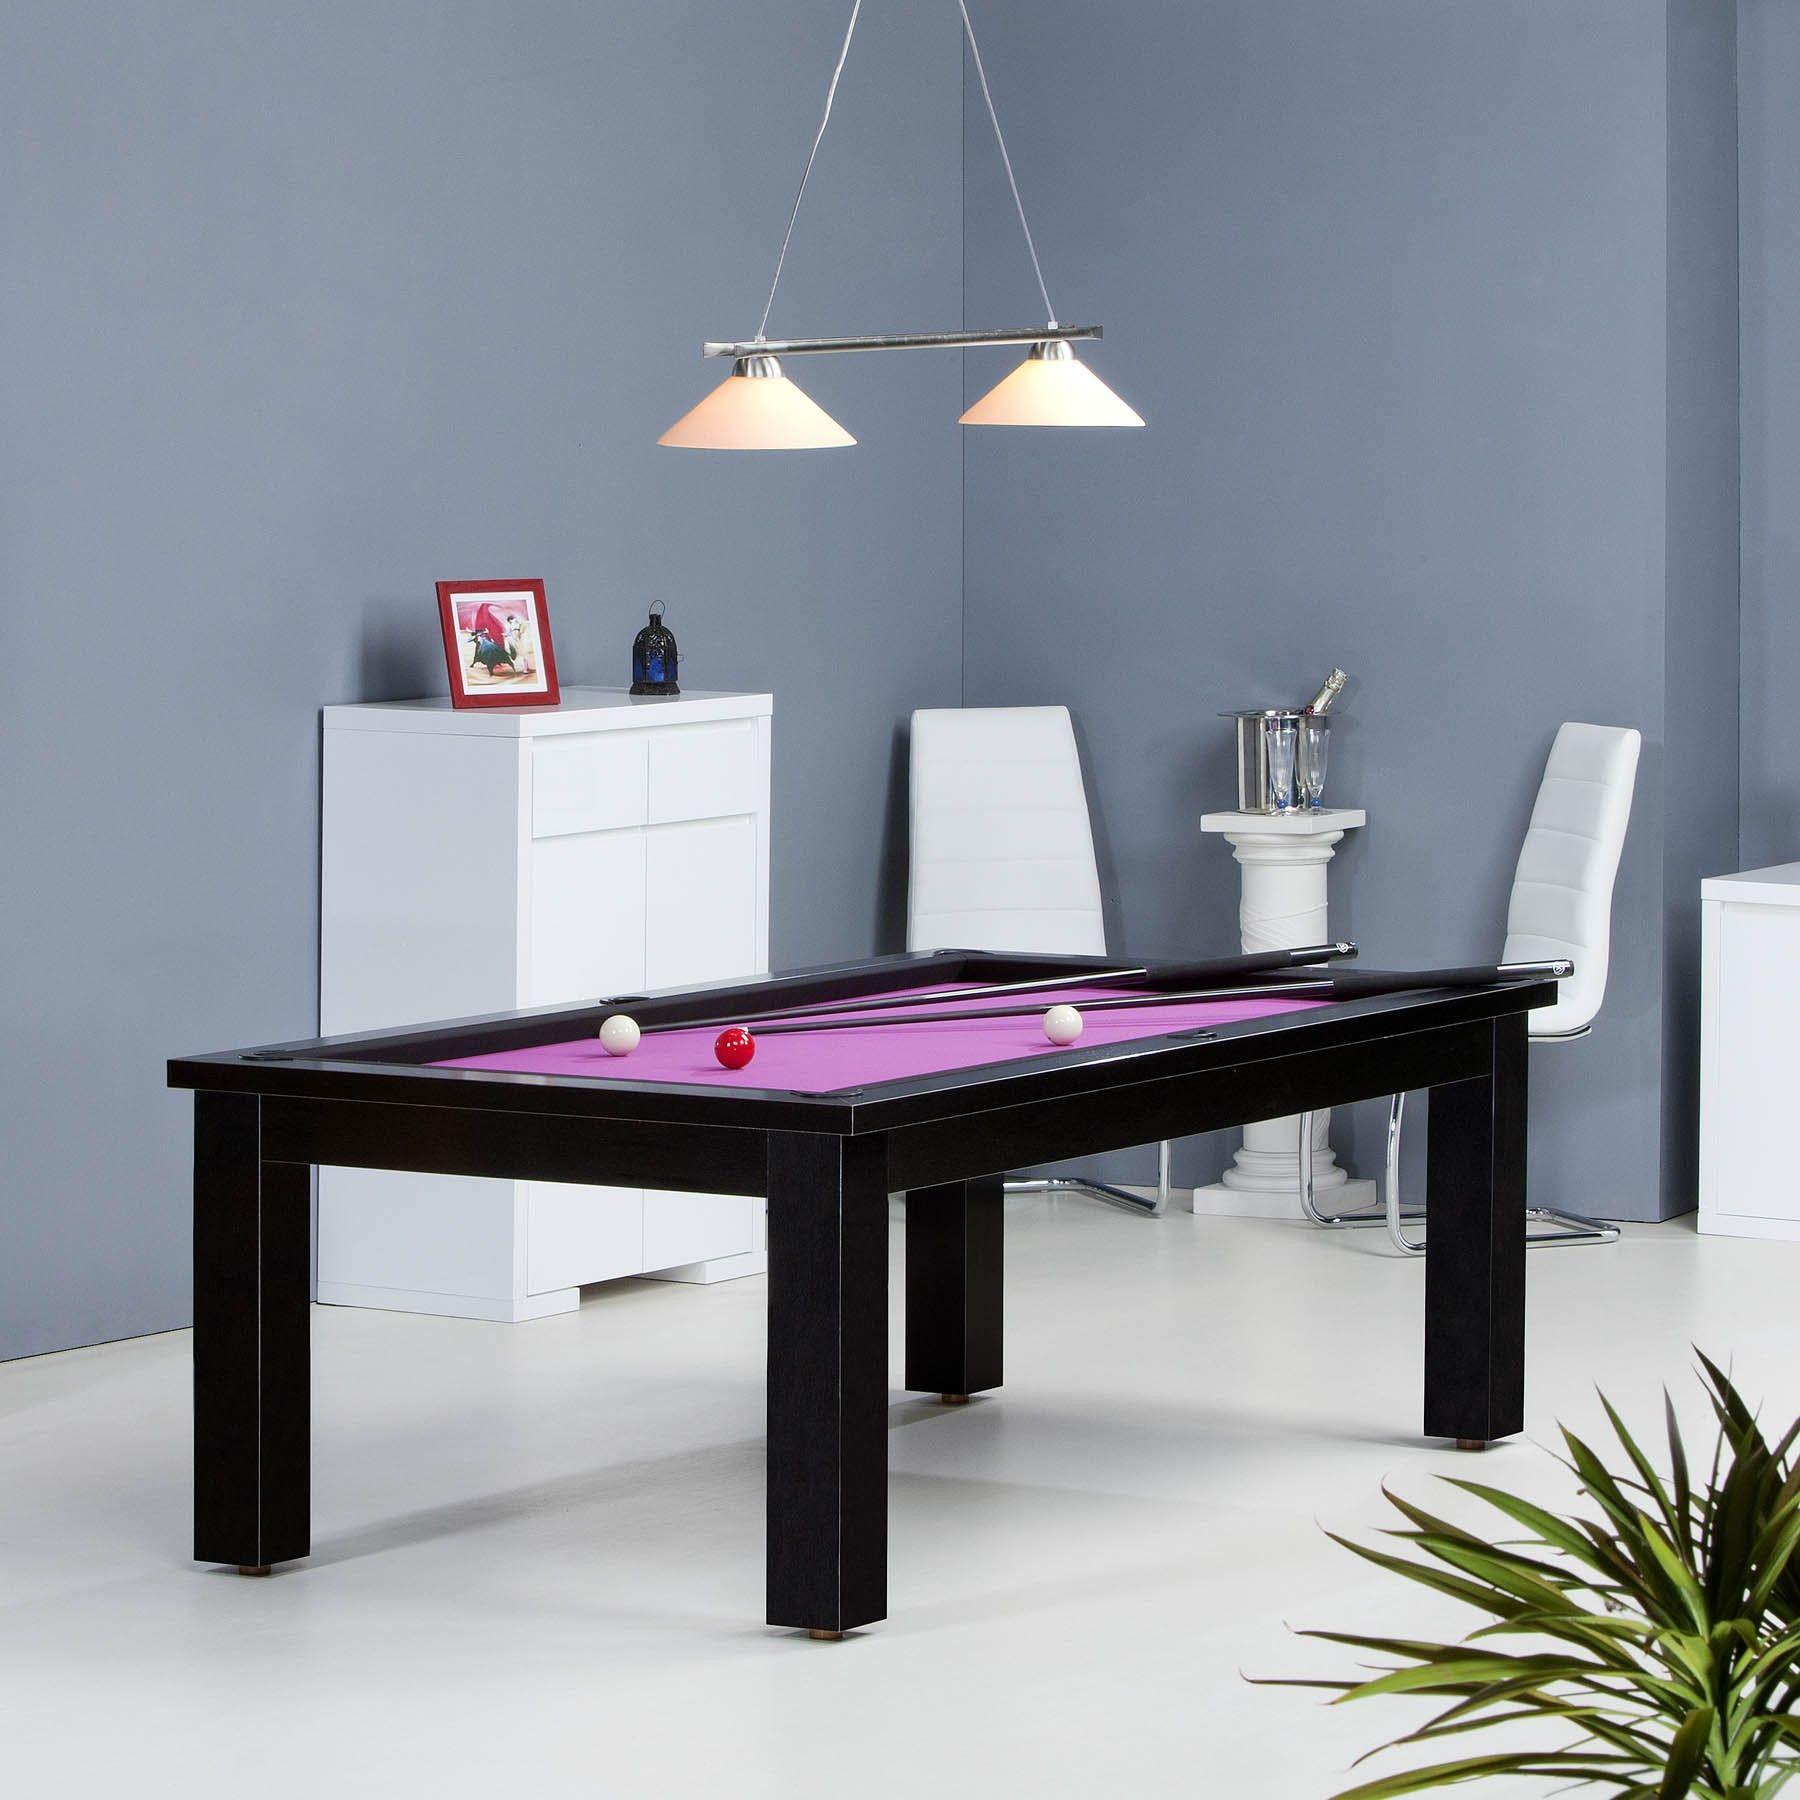 500d3b8dcde0da59351996a773caf73a Luxe De Table Exterieur Pas Cher Schème